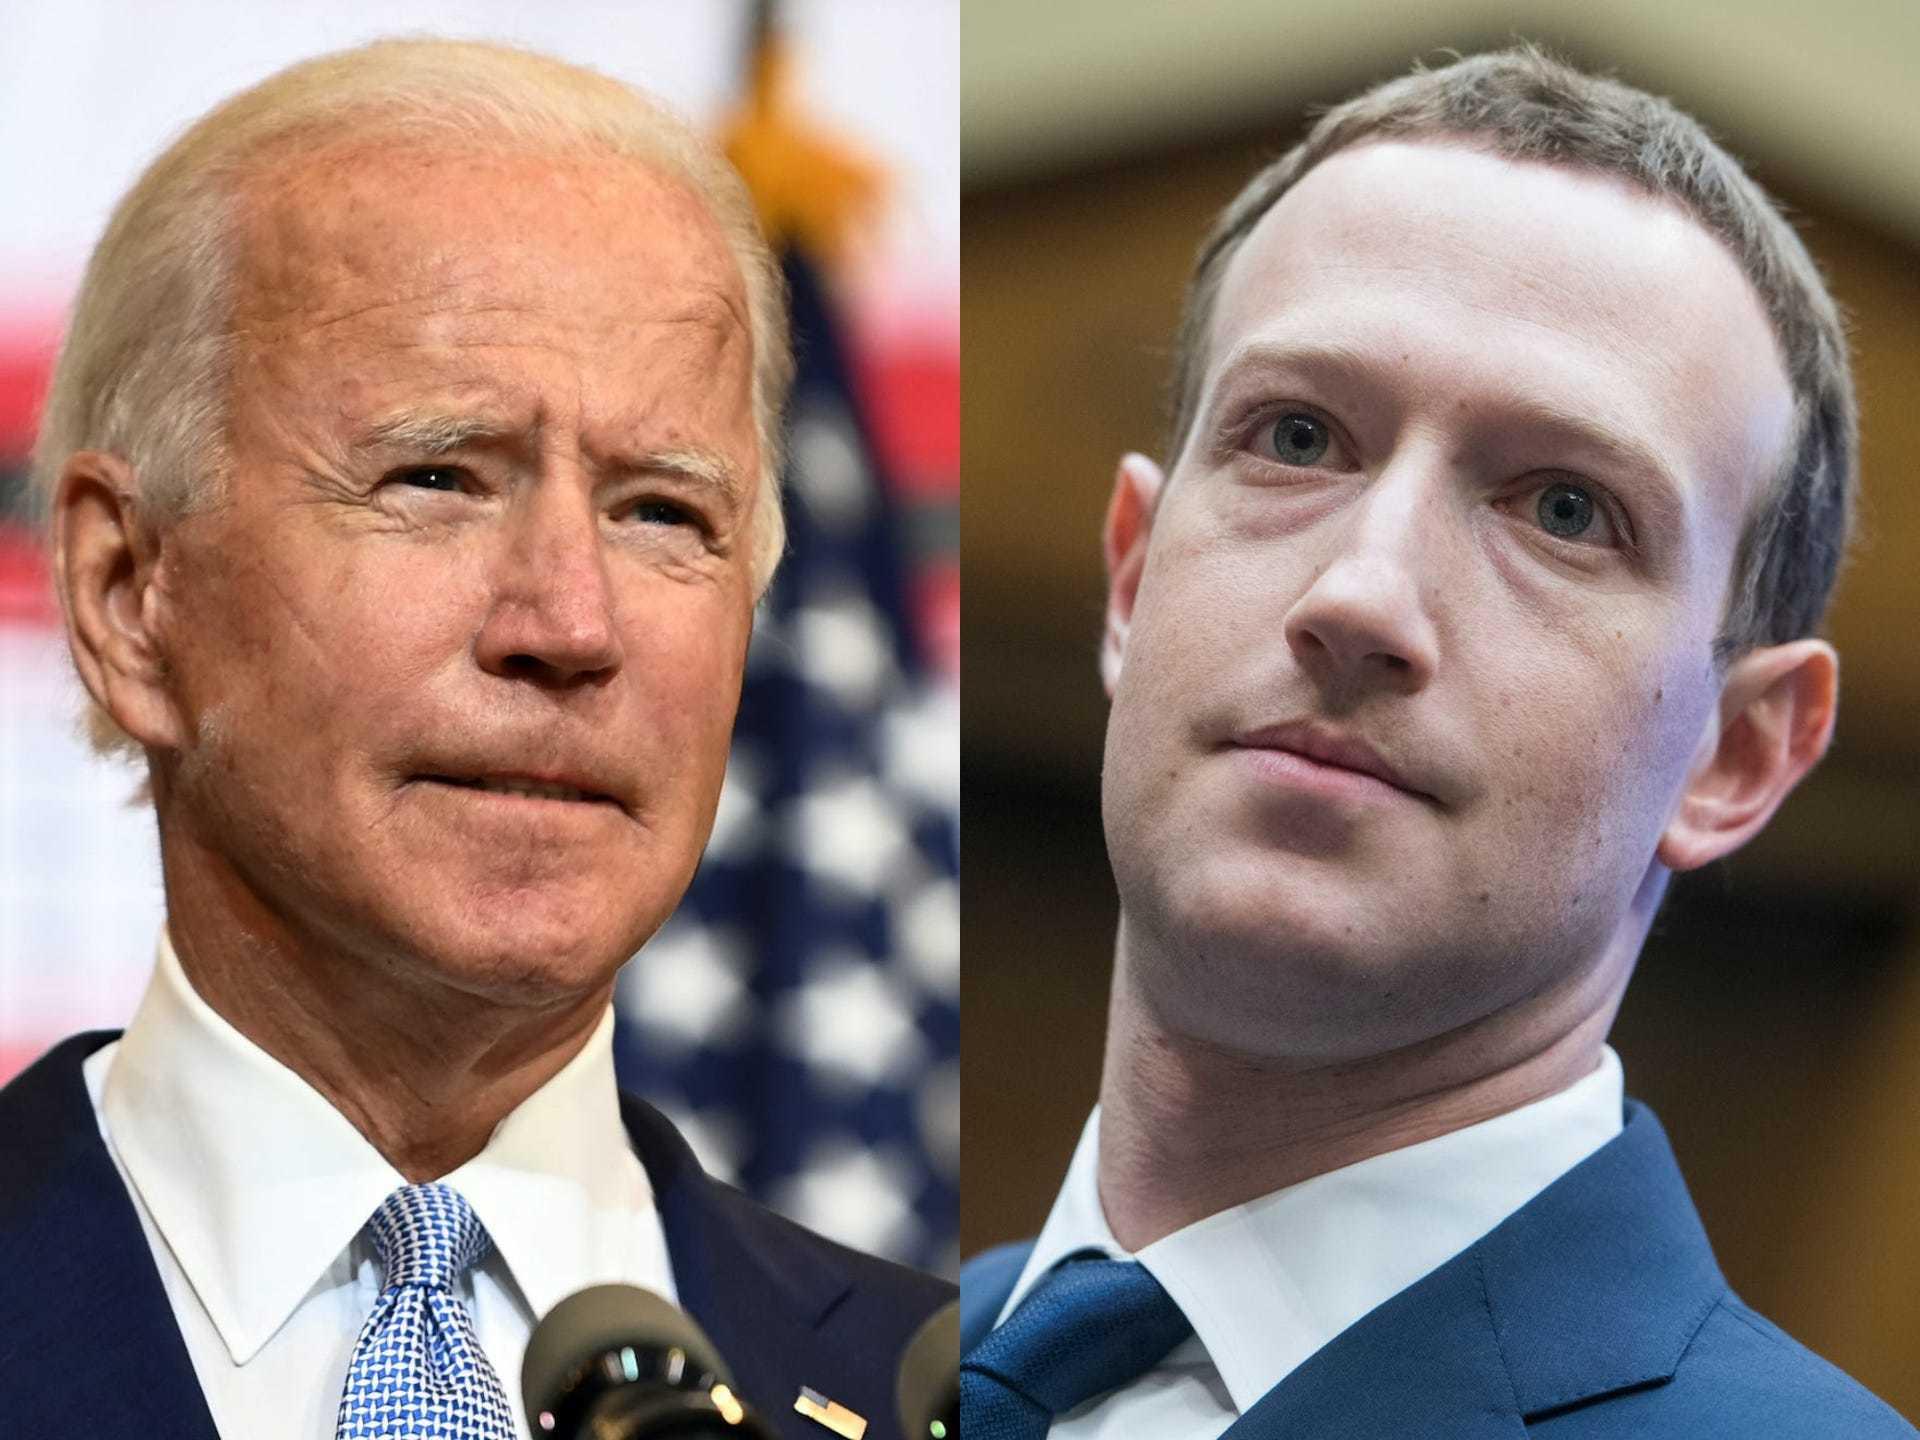 Nhân viên chiến dịch Biden chỉ trích Facebook 'xé nhỏ cấu trúc nền dân chủ'